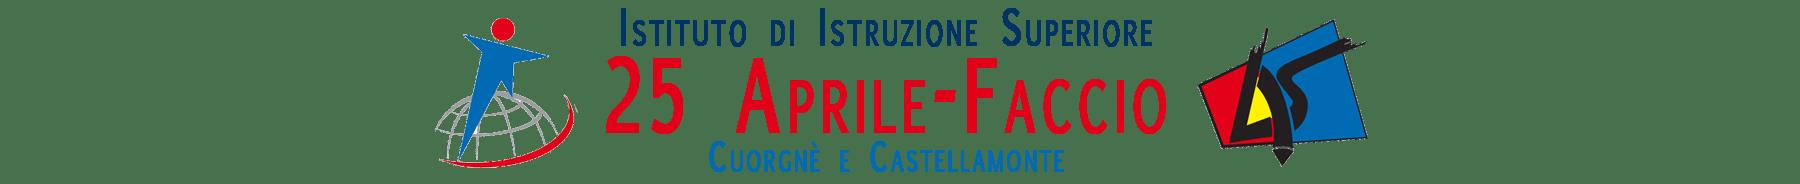 Istituto di Istruzione Superiore 25 Aprile - Faccio Cuorgnè - Castellamonte